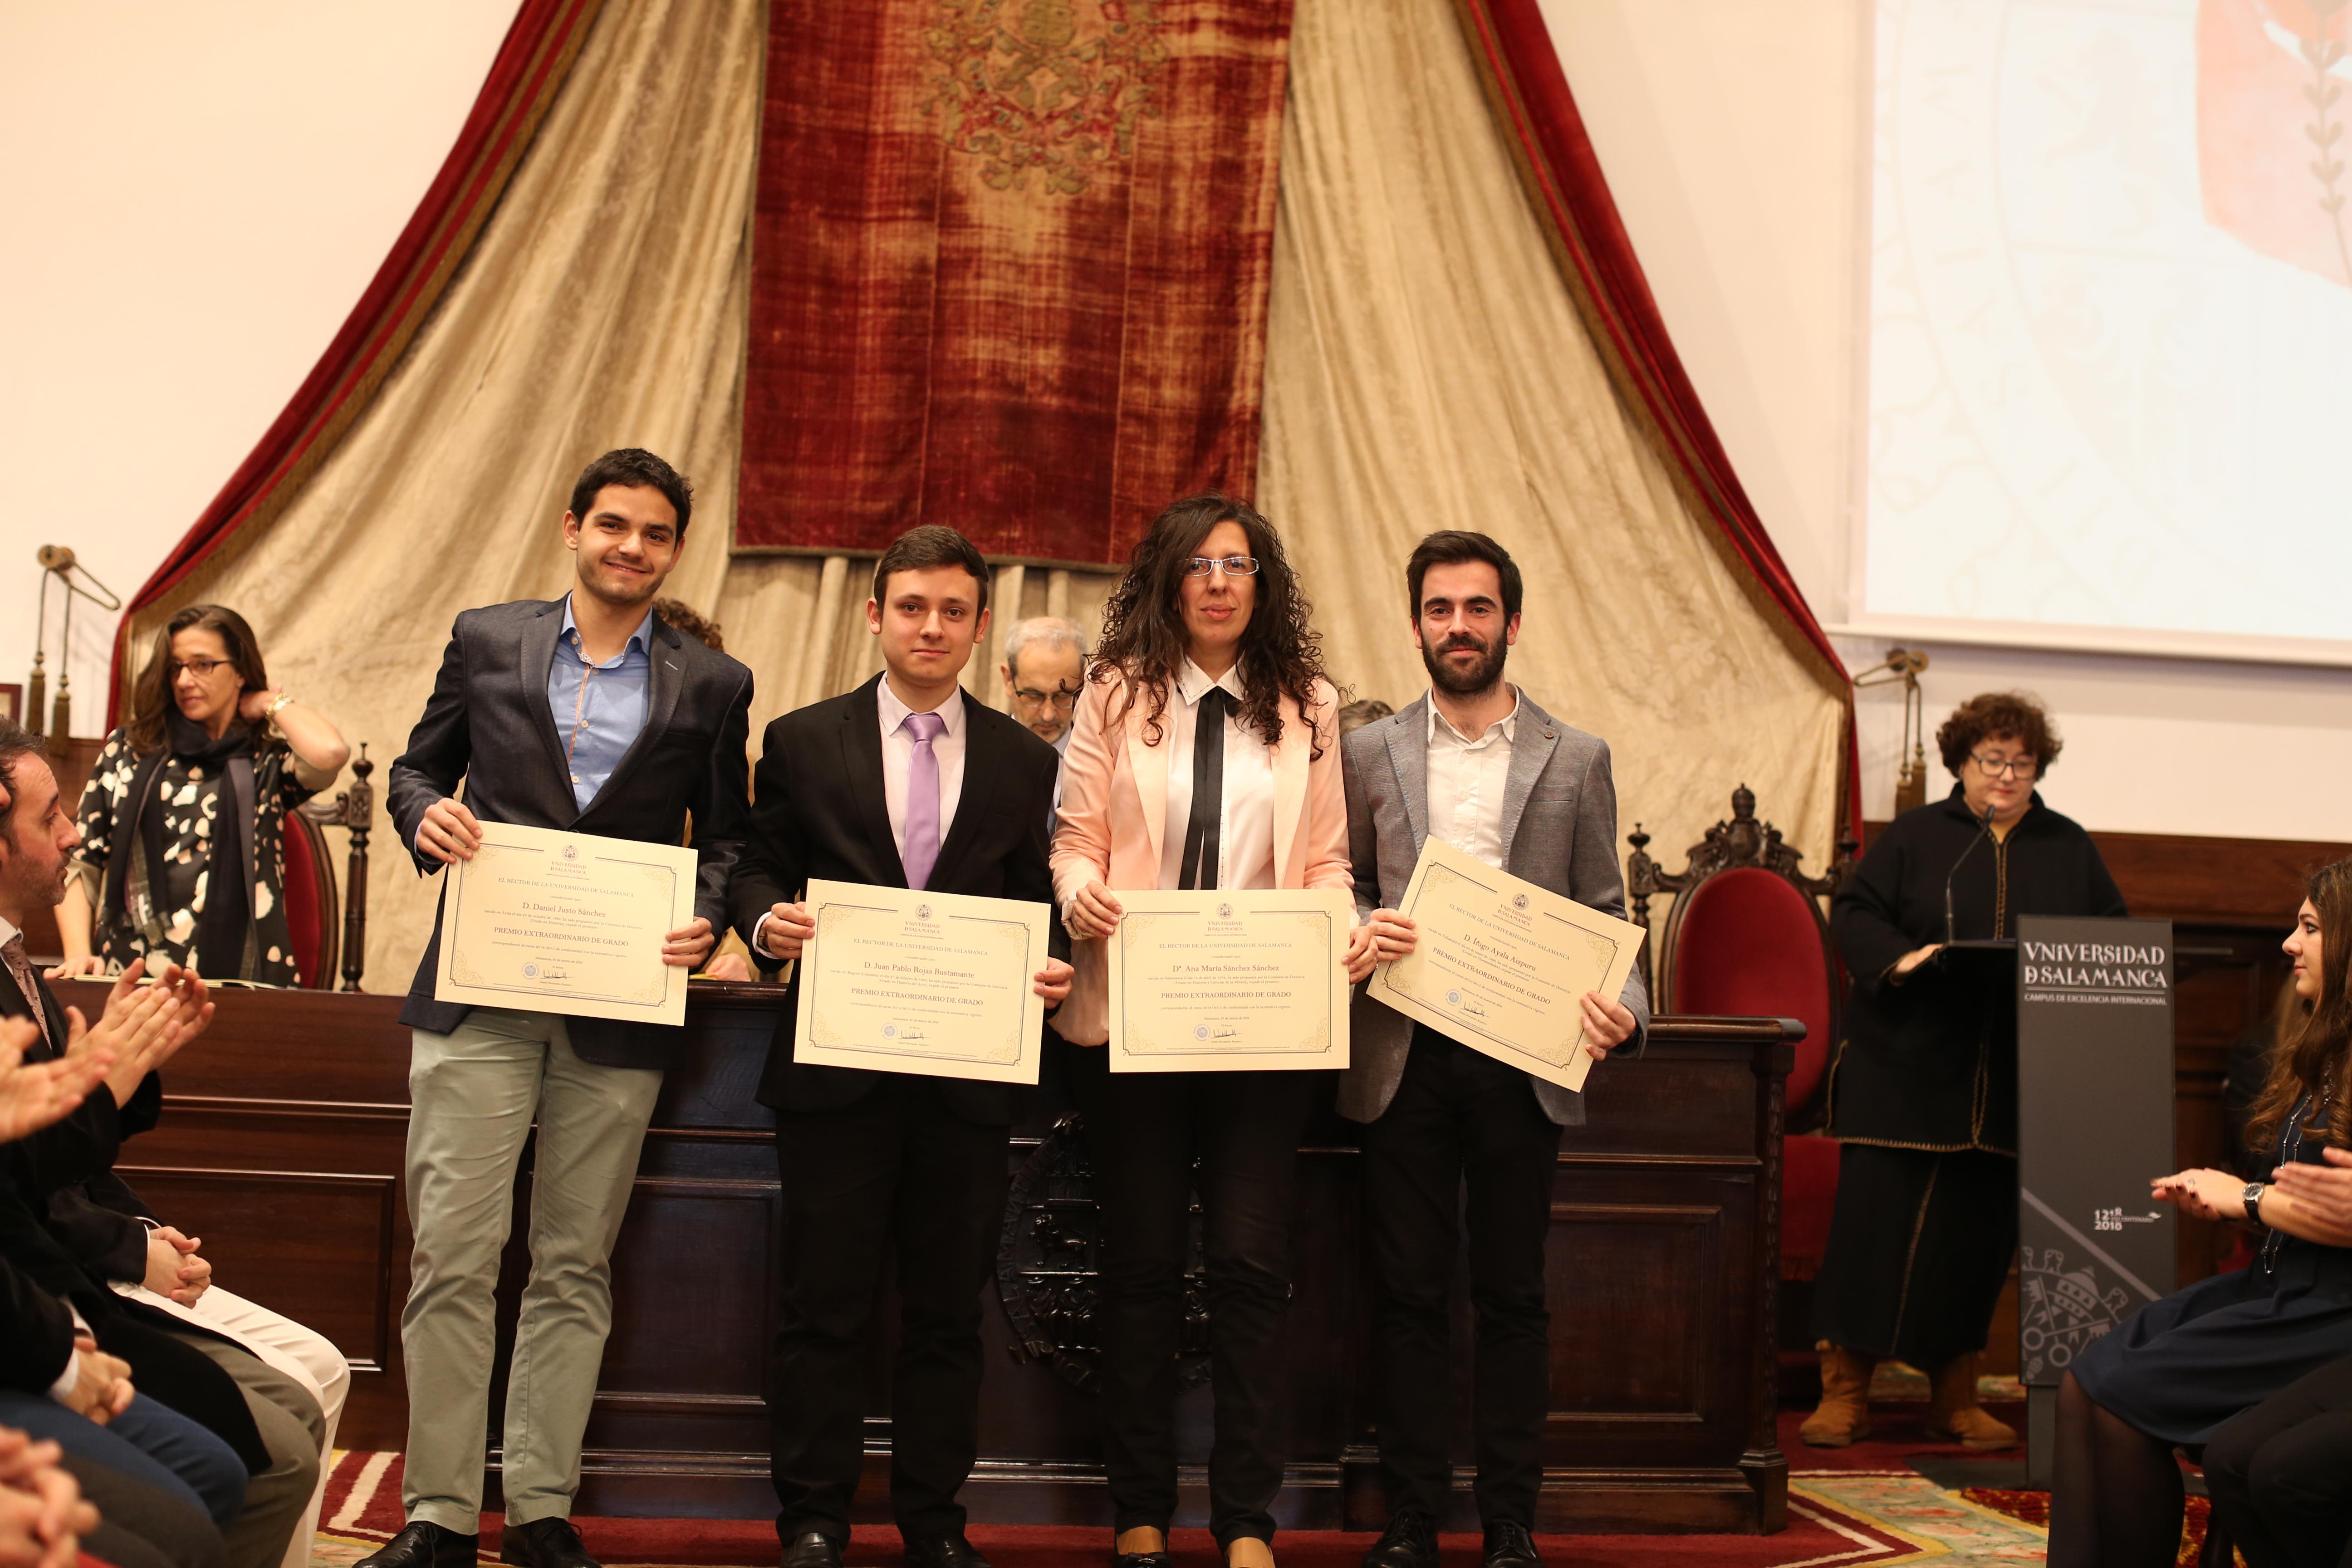 Fotografía de Premio Extraordinario de Grado y de Grado de Salamanca 7